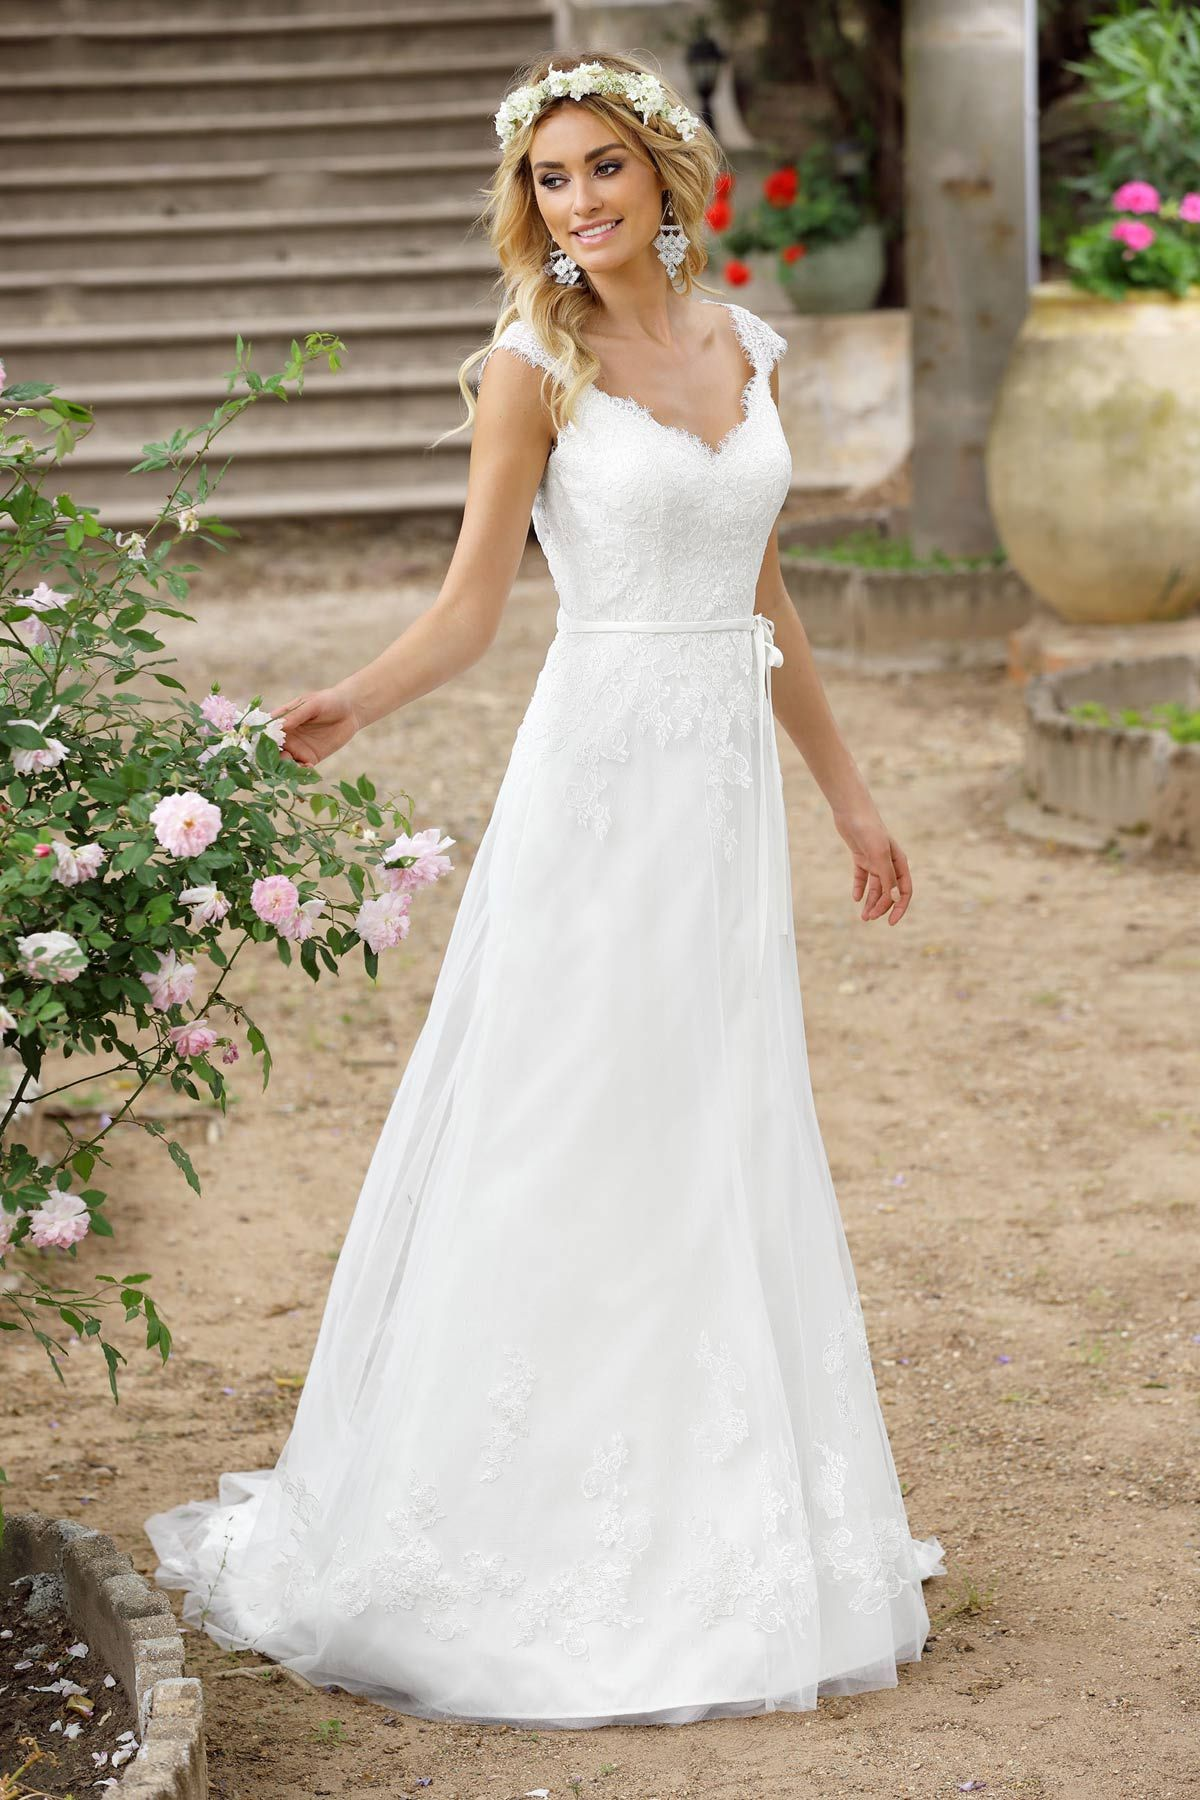 Kollektion I Linie Das Brautkleid Braunschweig Hochzeit